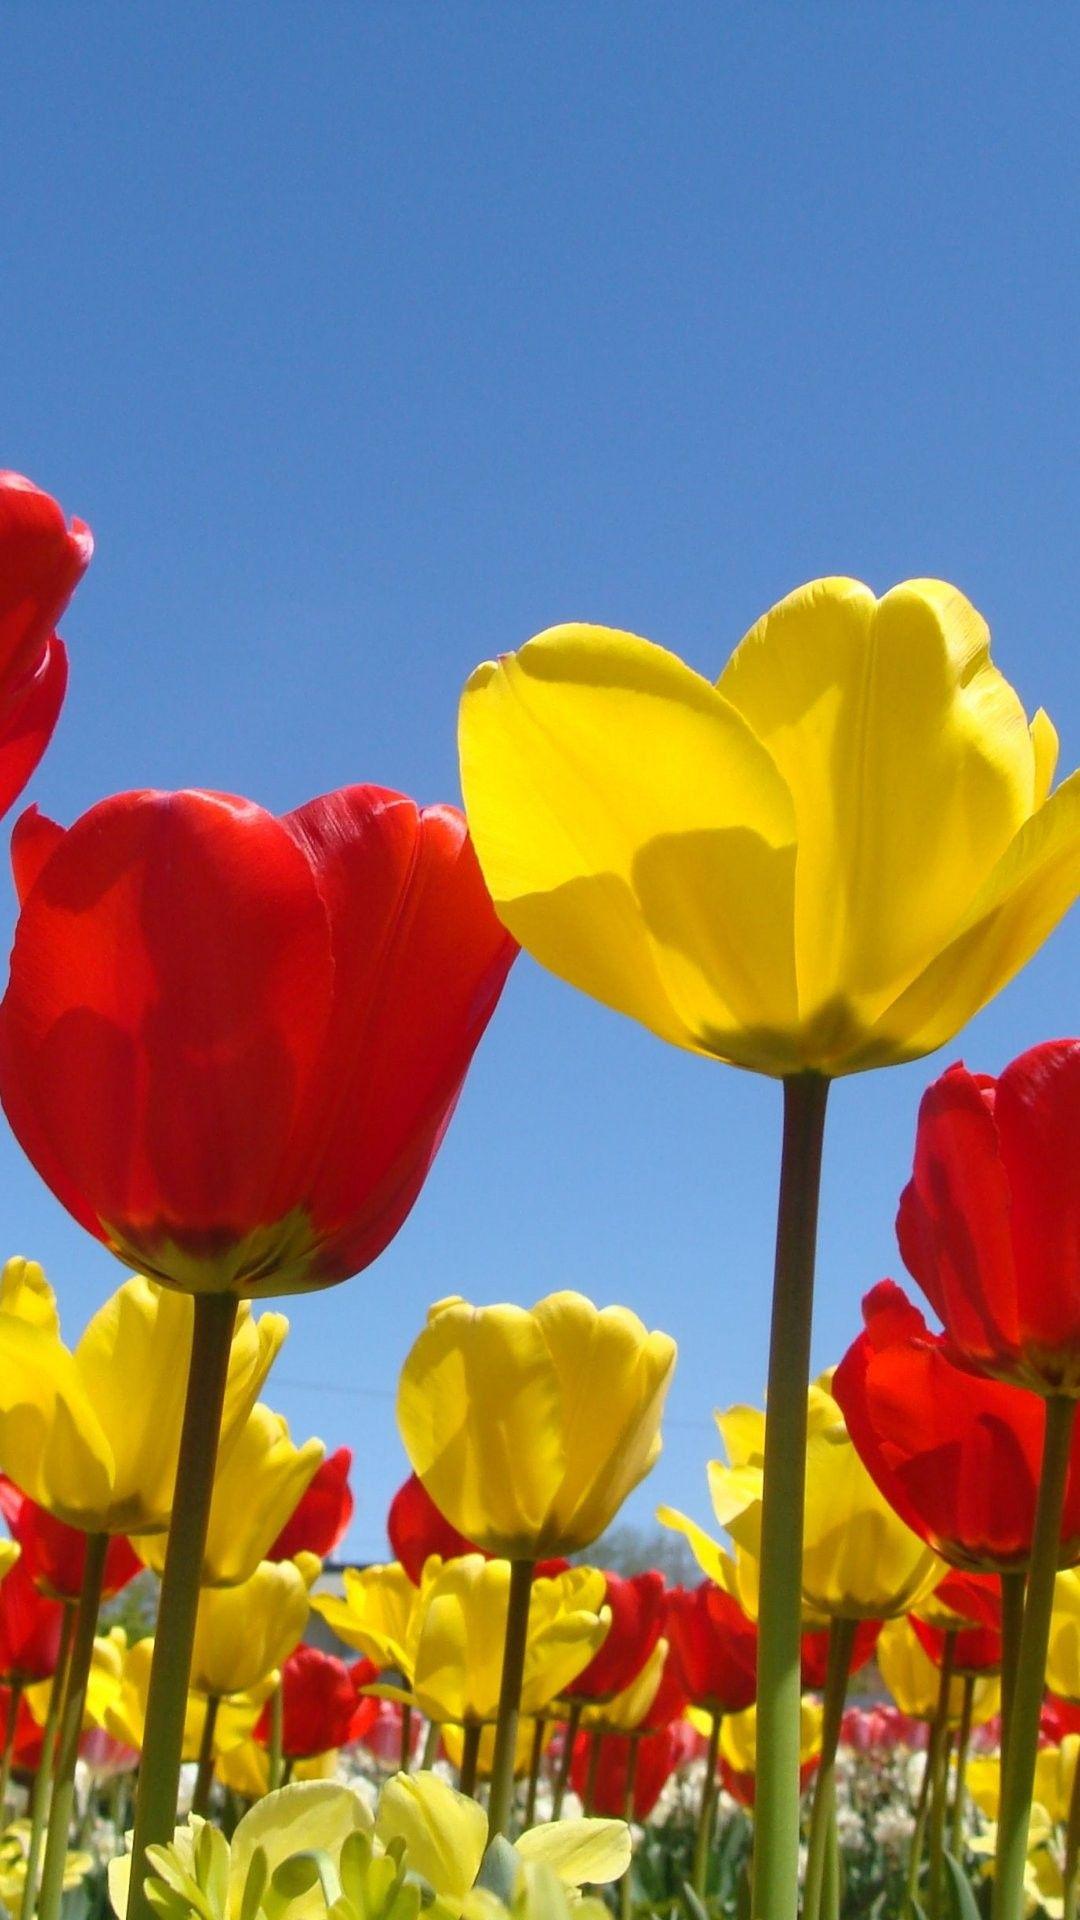 spring flowers iphone plus wallpaper flowers iphone plus